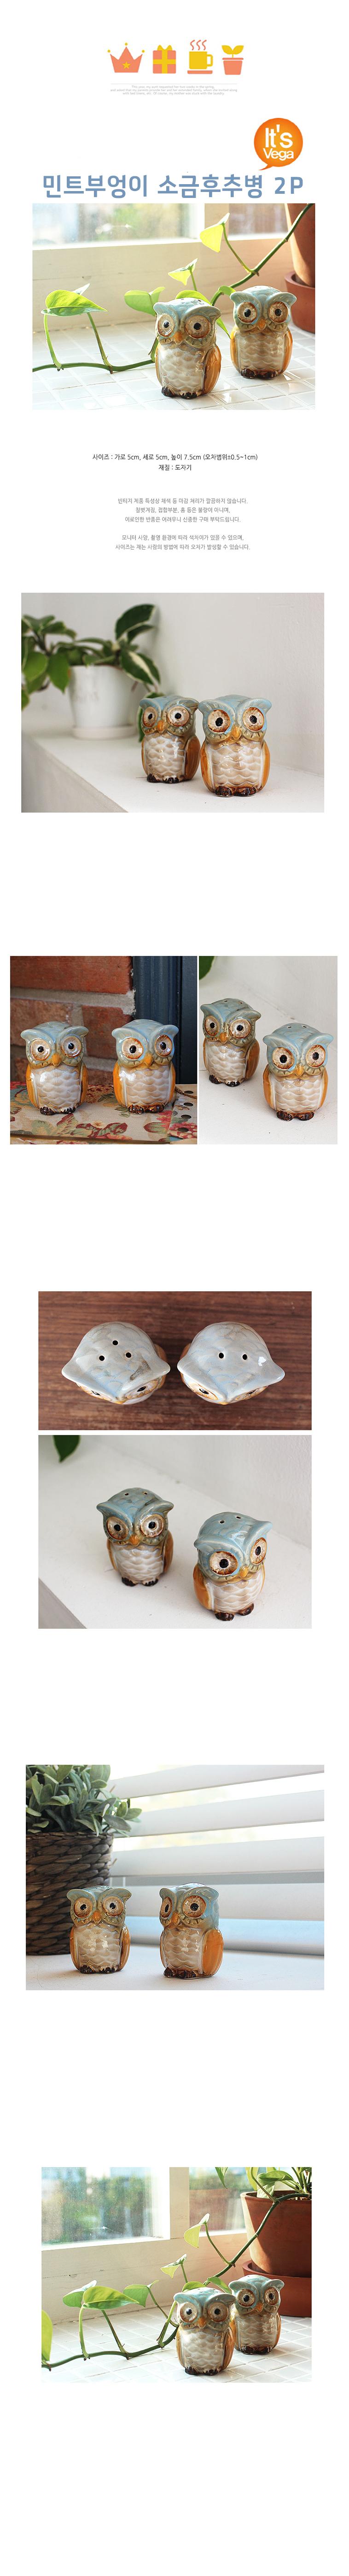 민트부엉이 소금후추병 2P - 베가, 12,000원, 밀폐/보관용기, 양념통/오일통